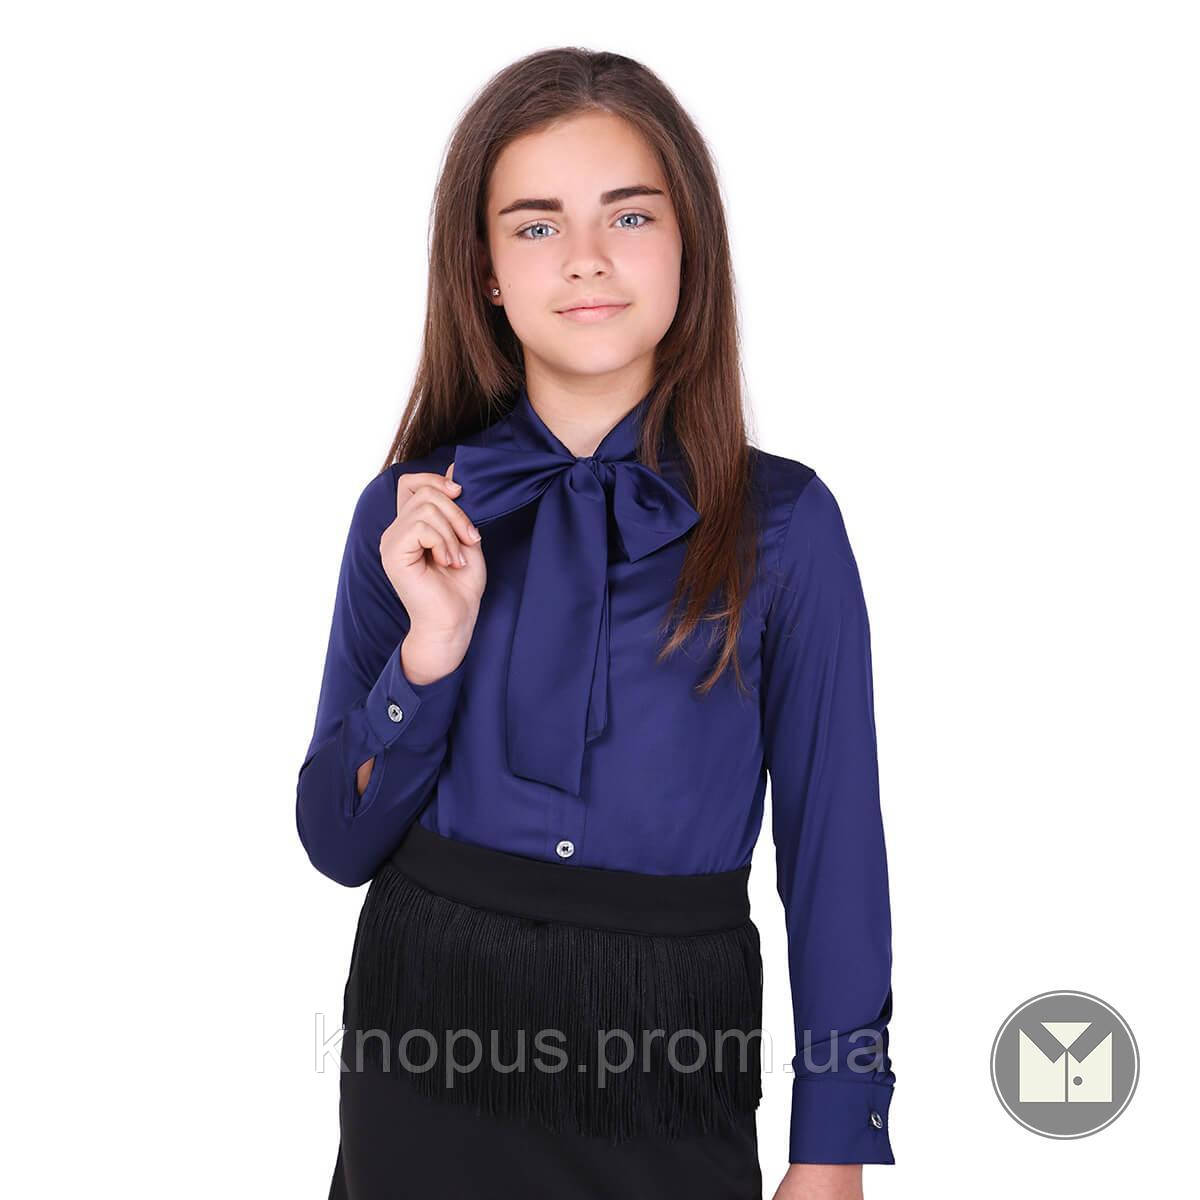 Блуза шкільна з коміром-бантом (синя), Тимбо